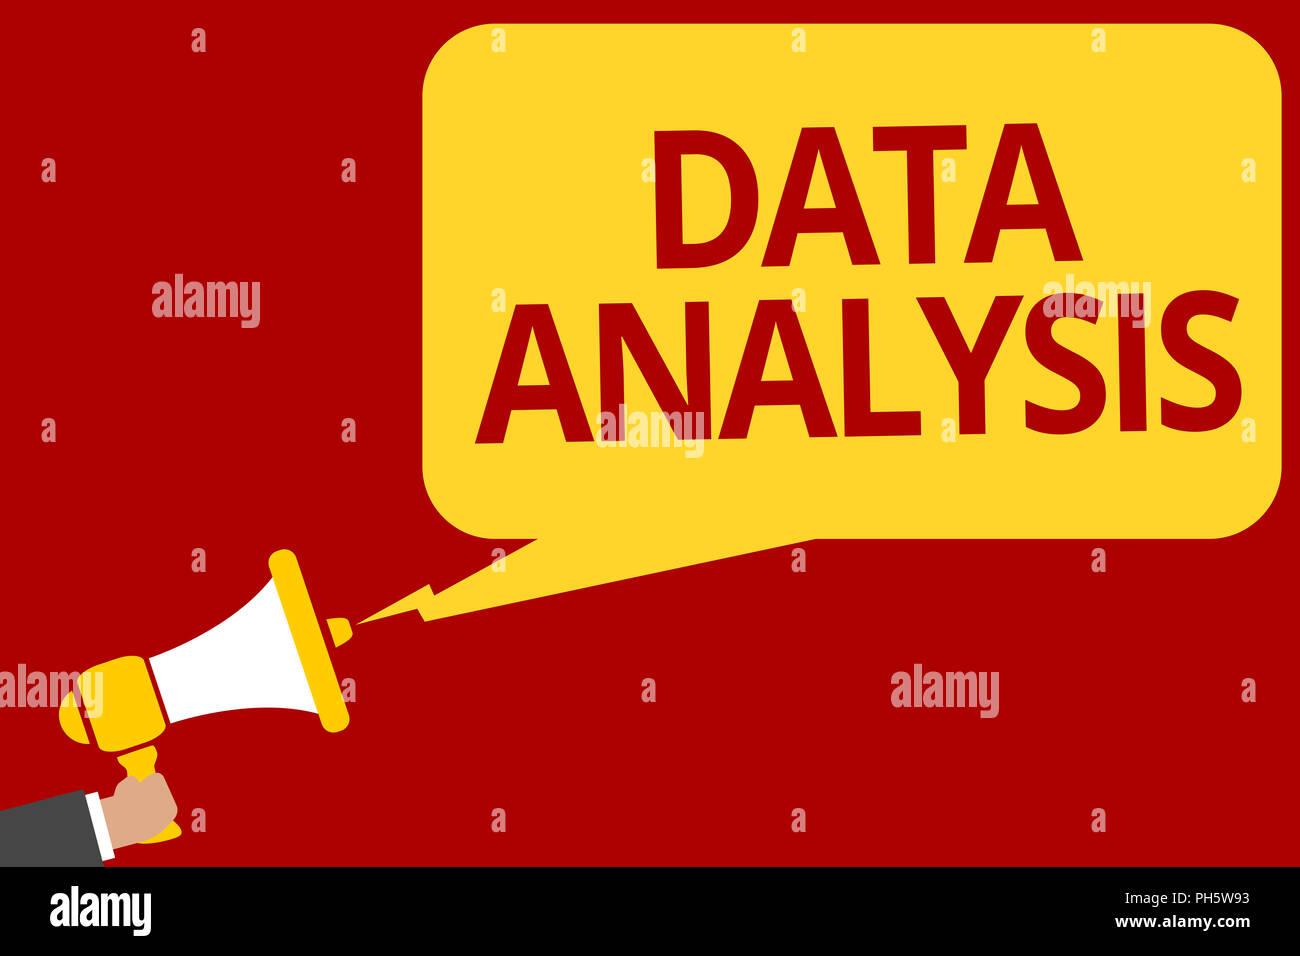 Testo della scrittura la scrittura dei dati di analisi. Concetto significato tradurre i numeri a conclusione analitiche di previsione azienda uomo megafono altoparlante speec Immagini Stock